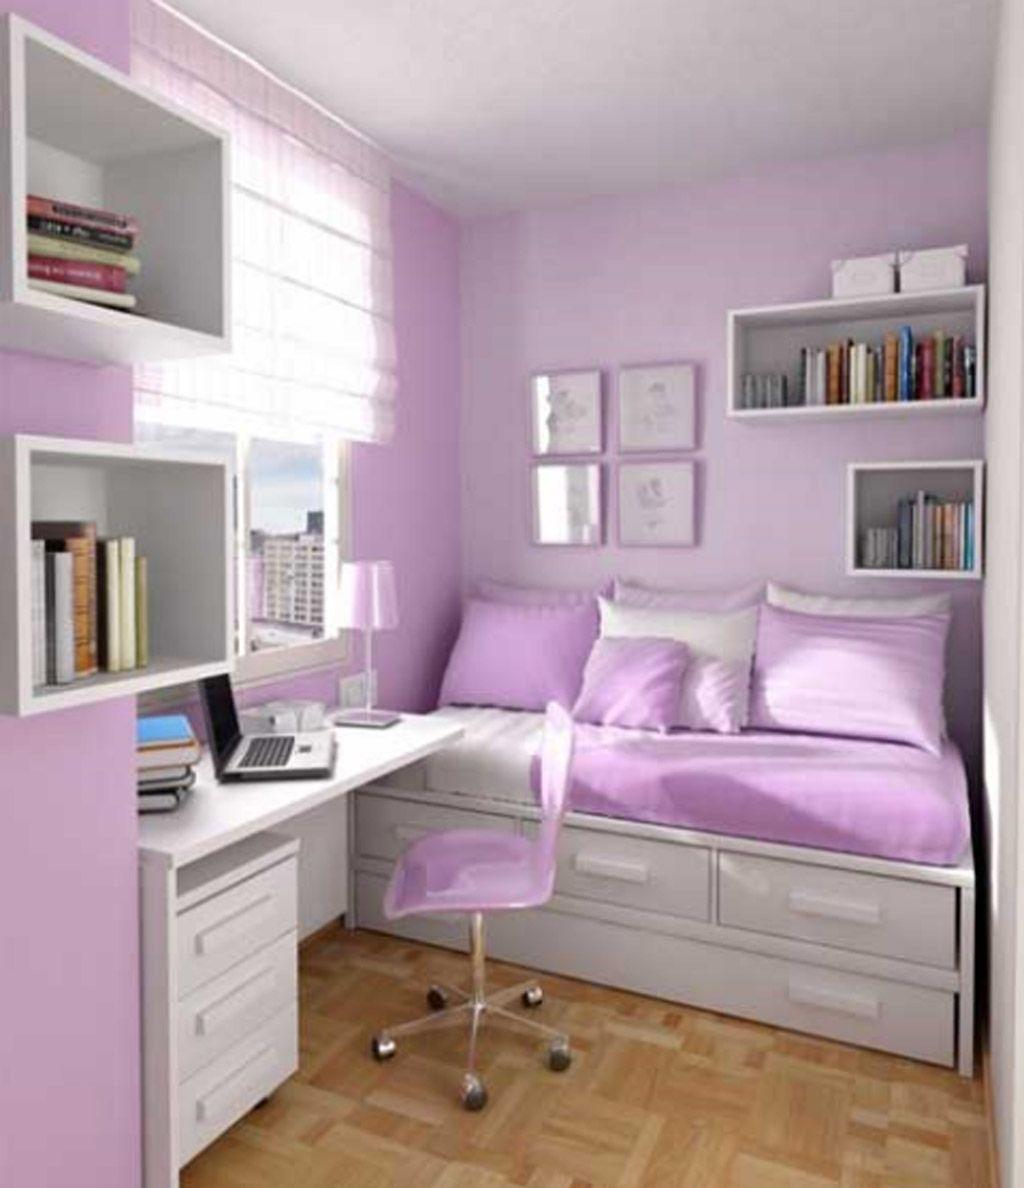 Glomorous Pics Teenage Bedrooms Pinterest Light Purple Walls Bedroom Ideas Teenage Girls Interior Design Blogs Pinterest Girls Bedroom Decor Teen Bedroom Designs